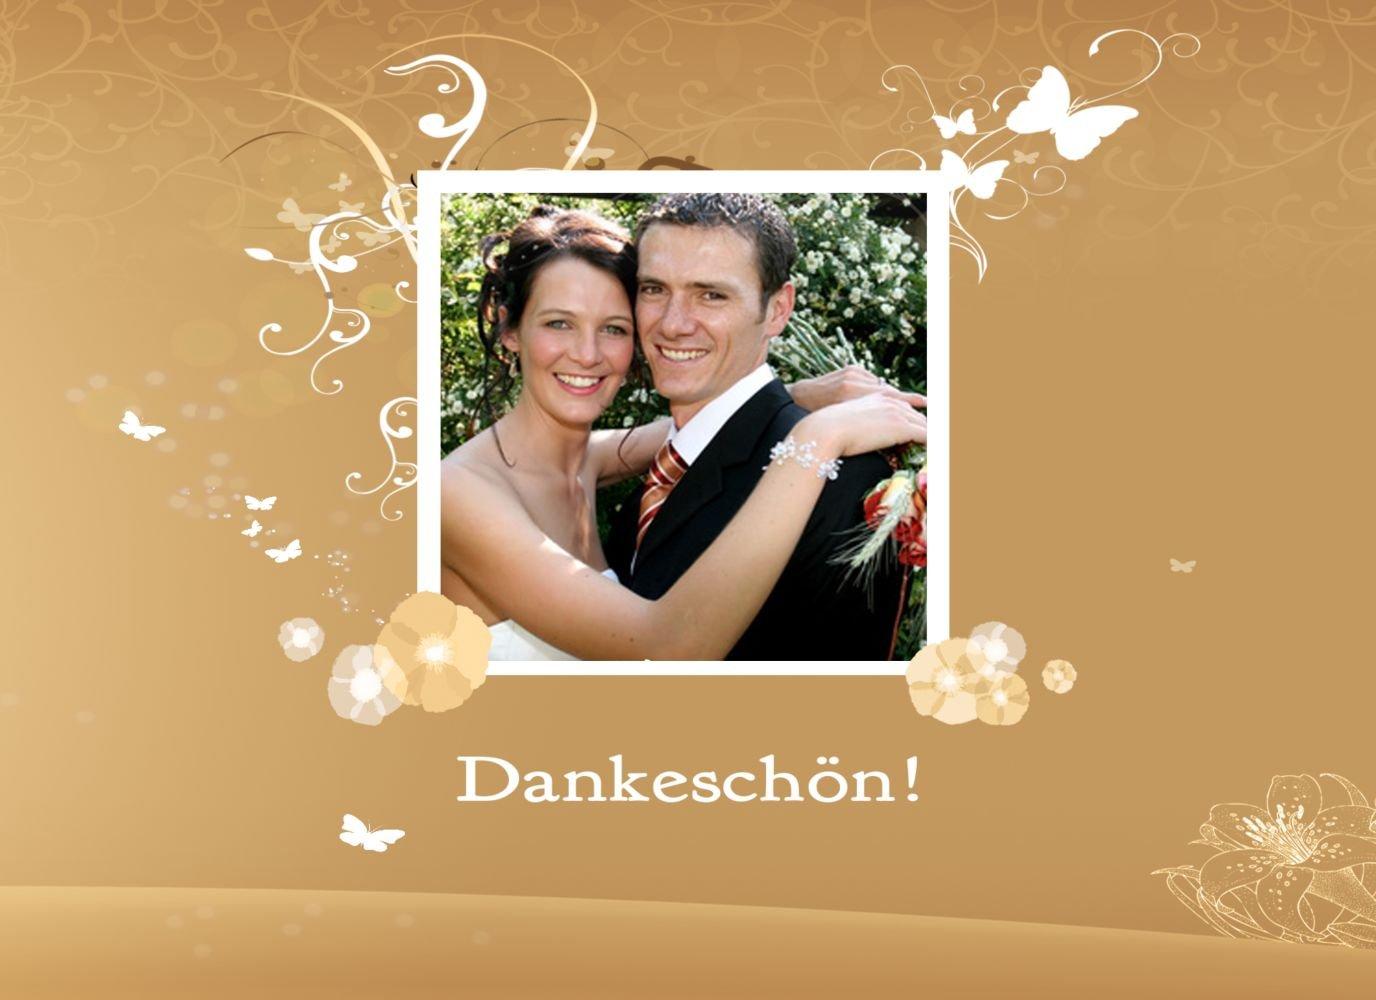 Kartenparadies Kartenparadies Kartenparadies Danksagung für Hochzeitsgeschenke Hochzeit Danke Dream, hochwertige Danksagungskarte Hochzeitsglückwünsche inklusive Umschläge   10 Karten - (Format  148x105 mm) Farbe  HellRosa B01N7UR1G9 | Queensland  | Jeder beschrie 7657ab